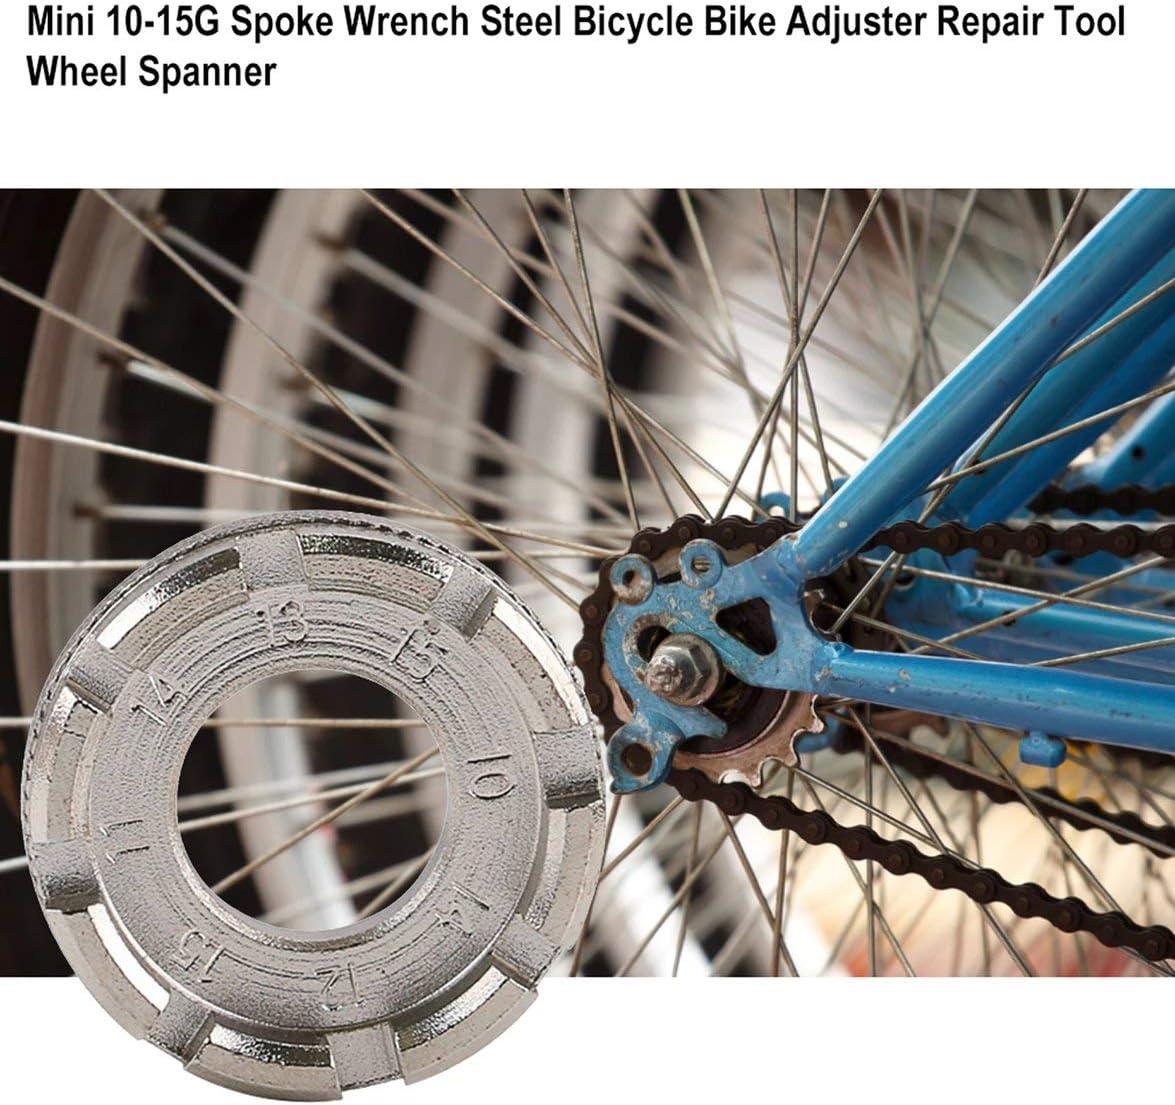 Sylvialuca Llave de radios Acero Bicicleta Bicicleta Ajustador ...